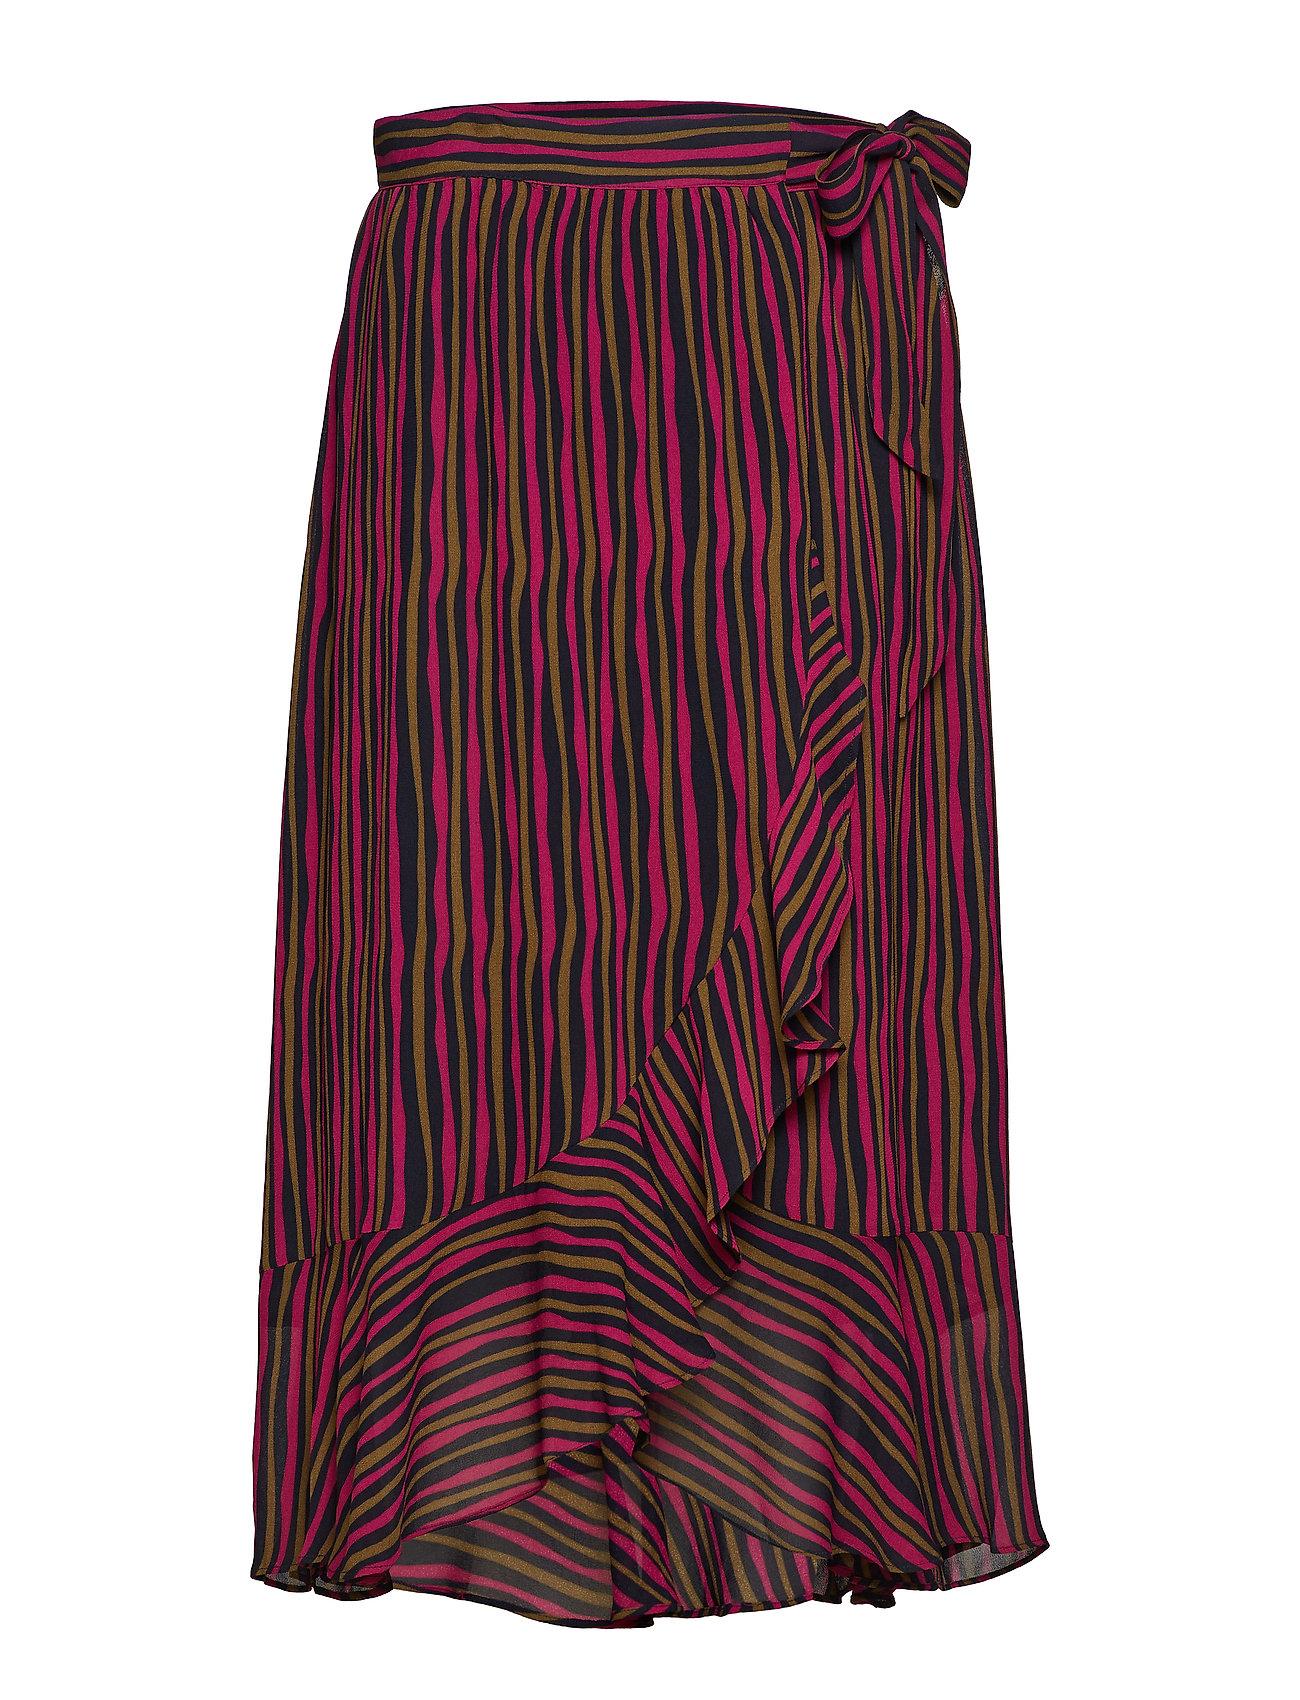 StripesStella Army Army Noelpink Army Noelpink Noelpink StripesStella StripesStella Nova Noelpink Nova Nova Yb76gvyf